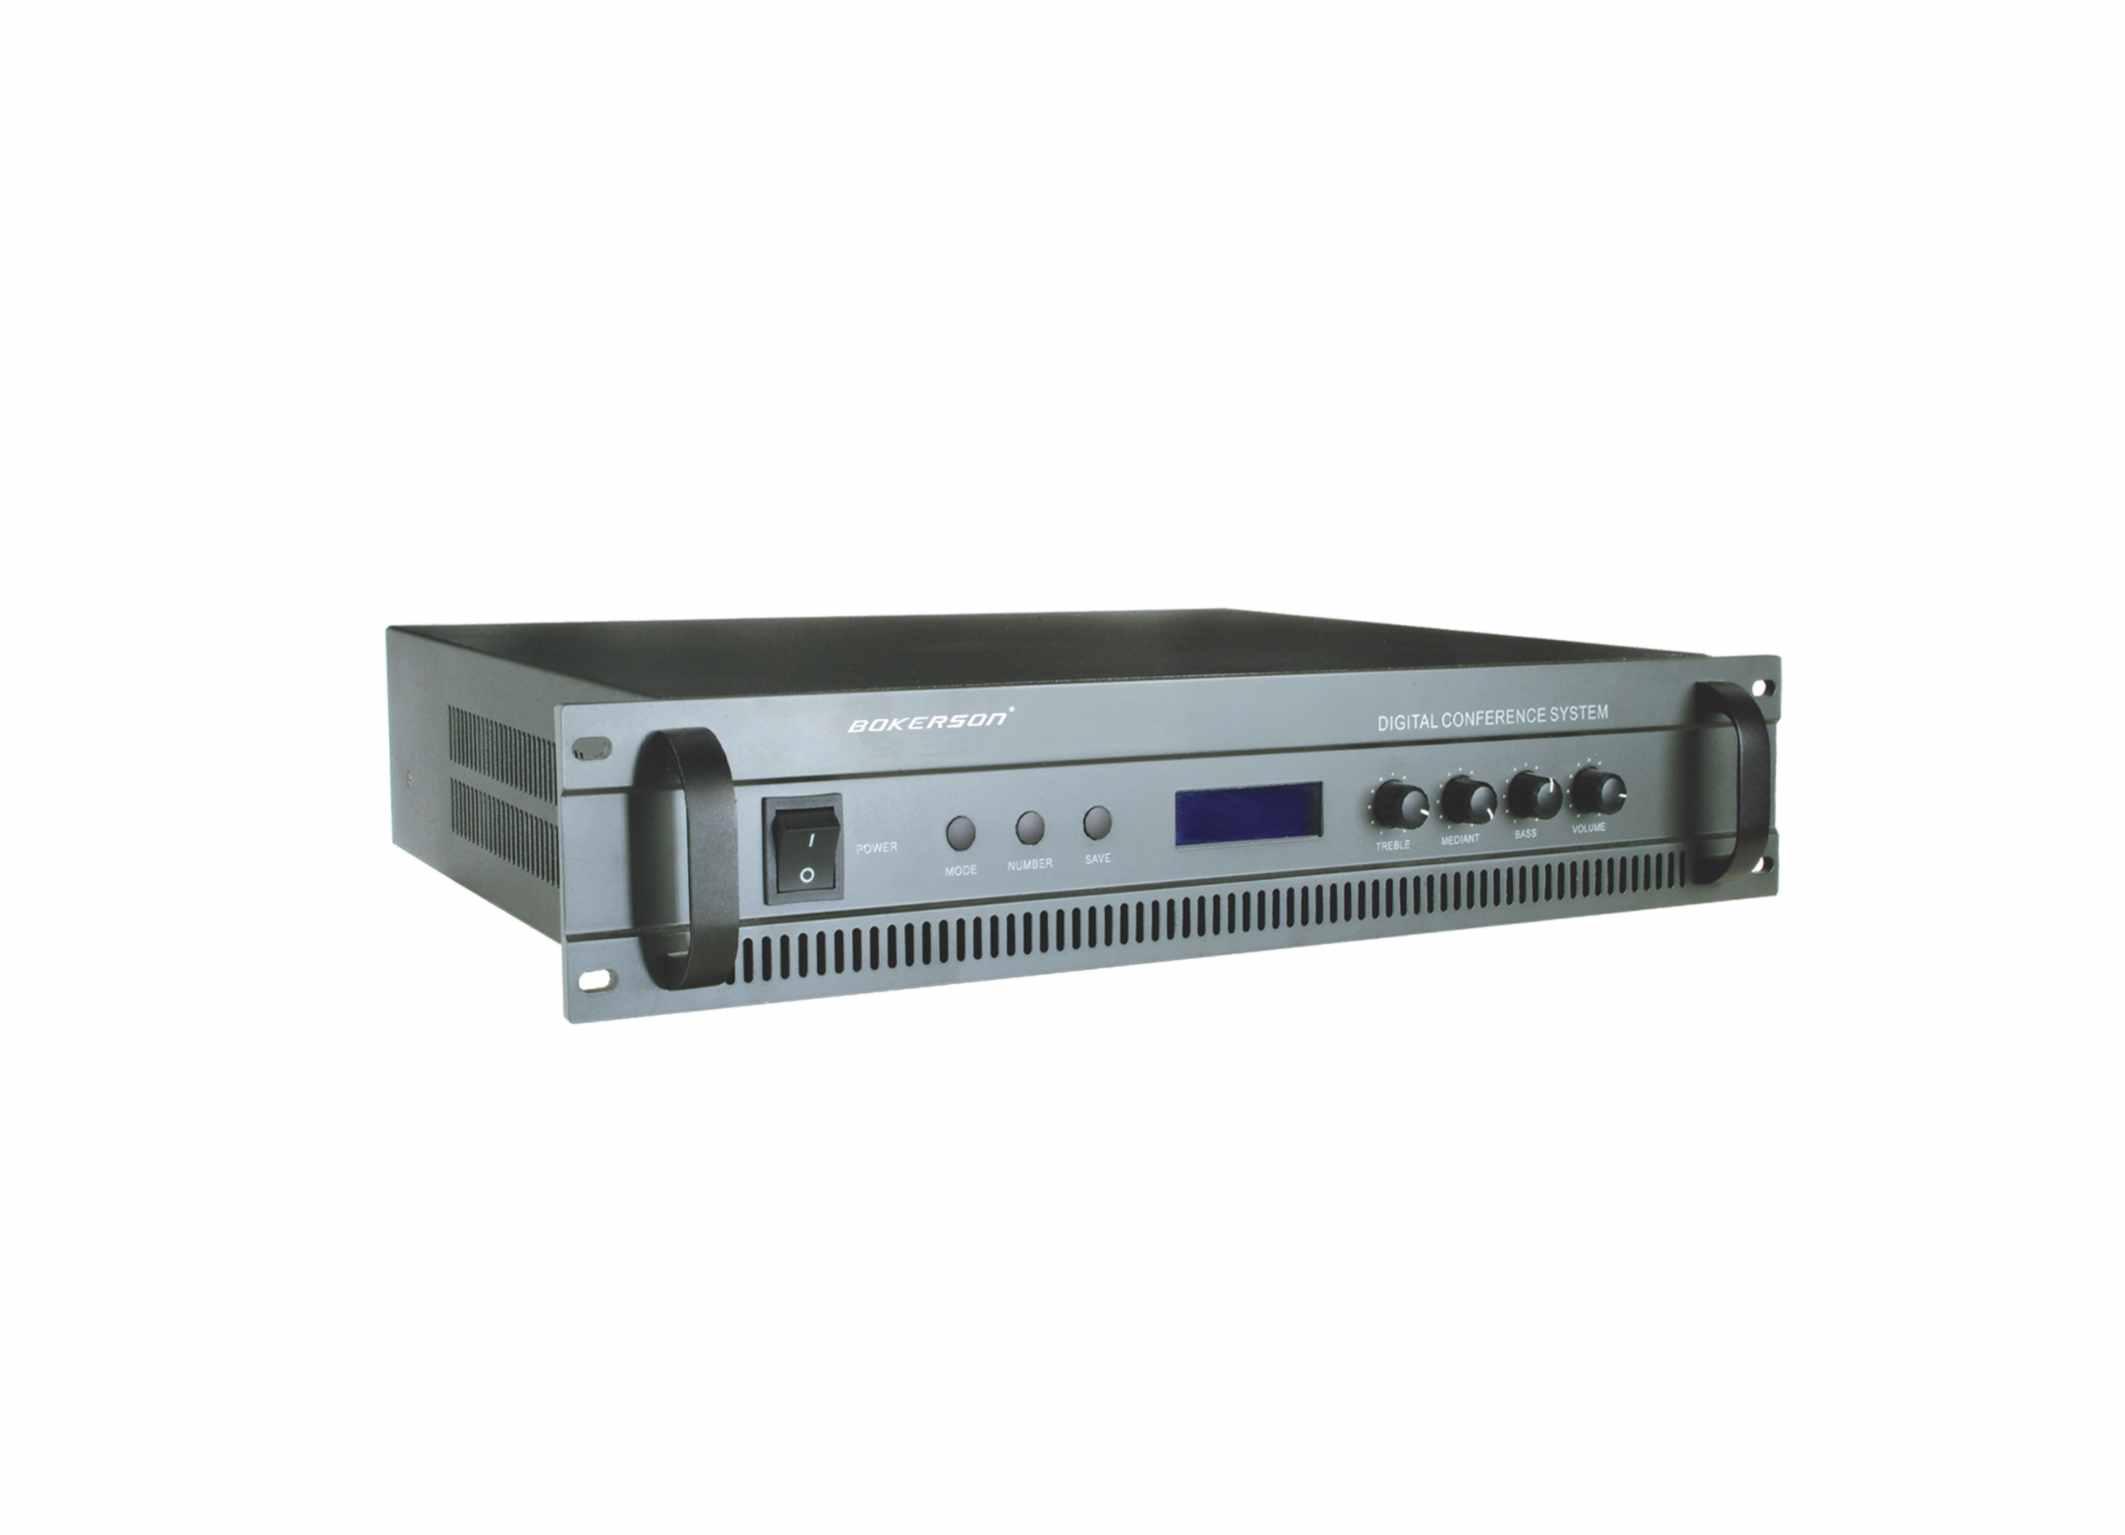 专业会议系统 远程视频会议 会议控制主机